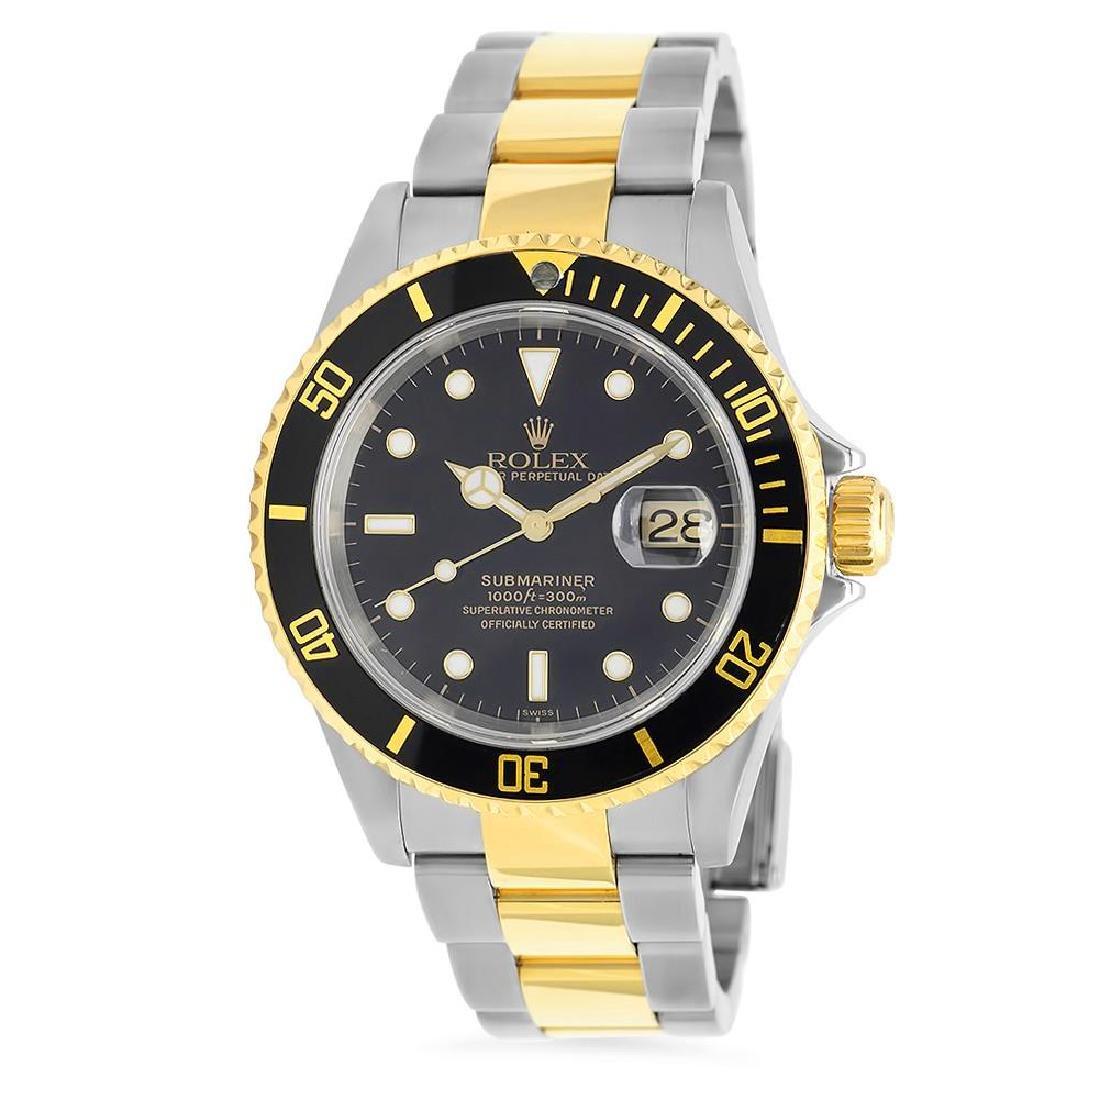 18K Gold Rolex SS Submariner 40mm Wristwatch